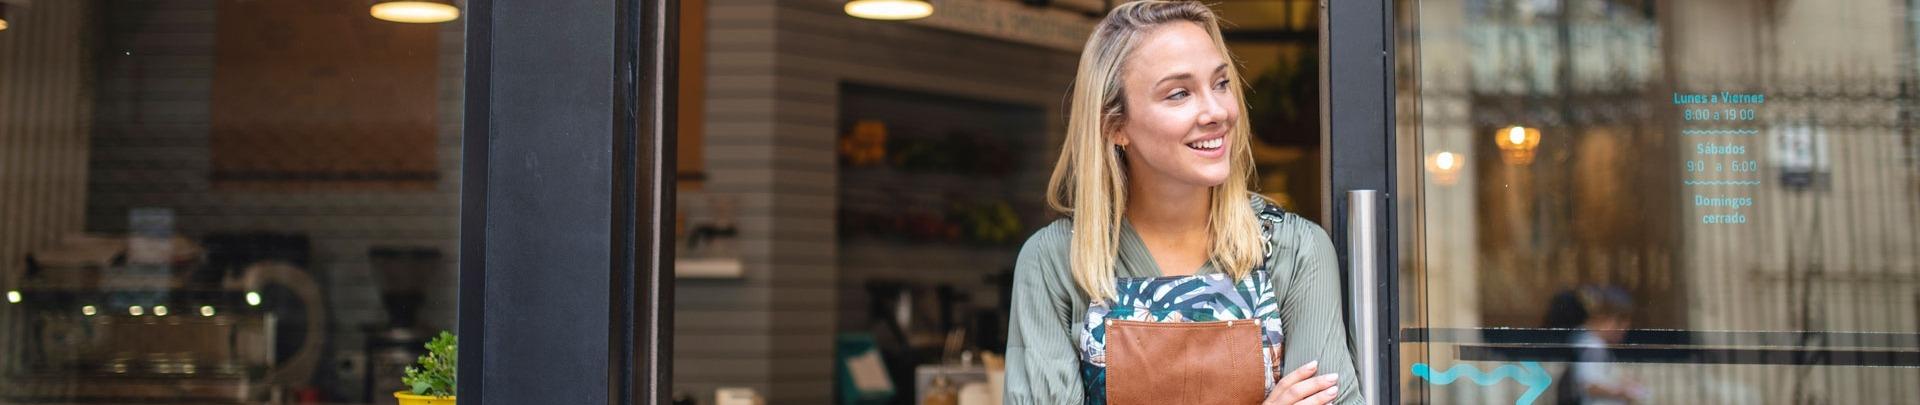 Jonge cafe eigenaar staat met haar armen gekruist bij de voordeur